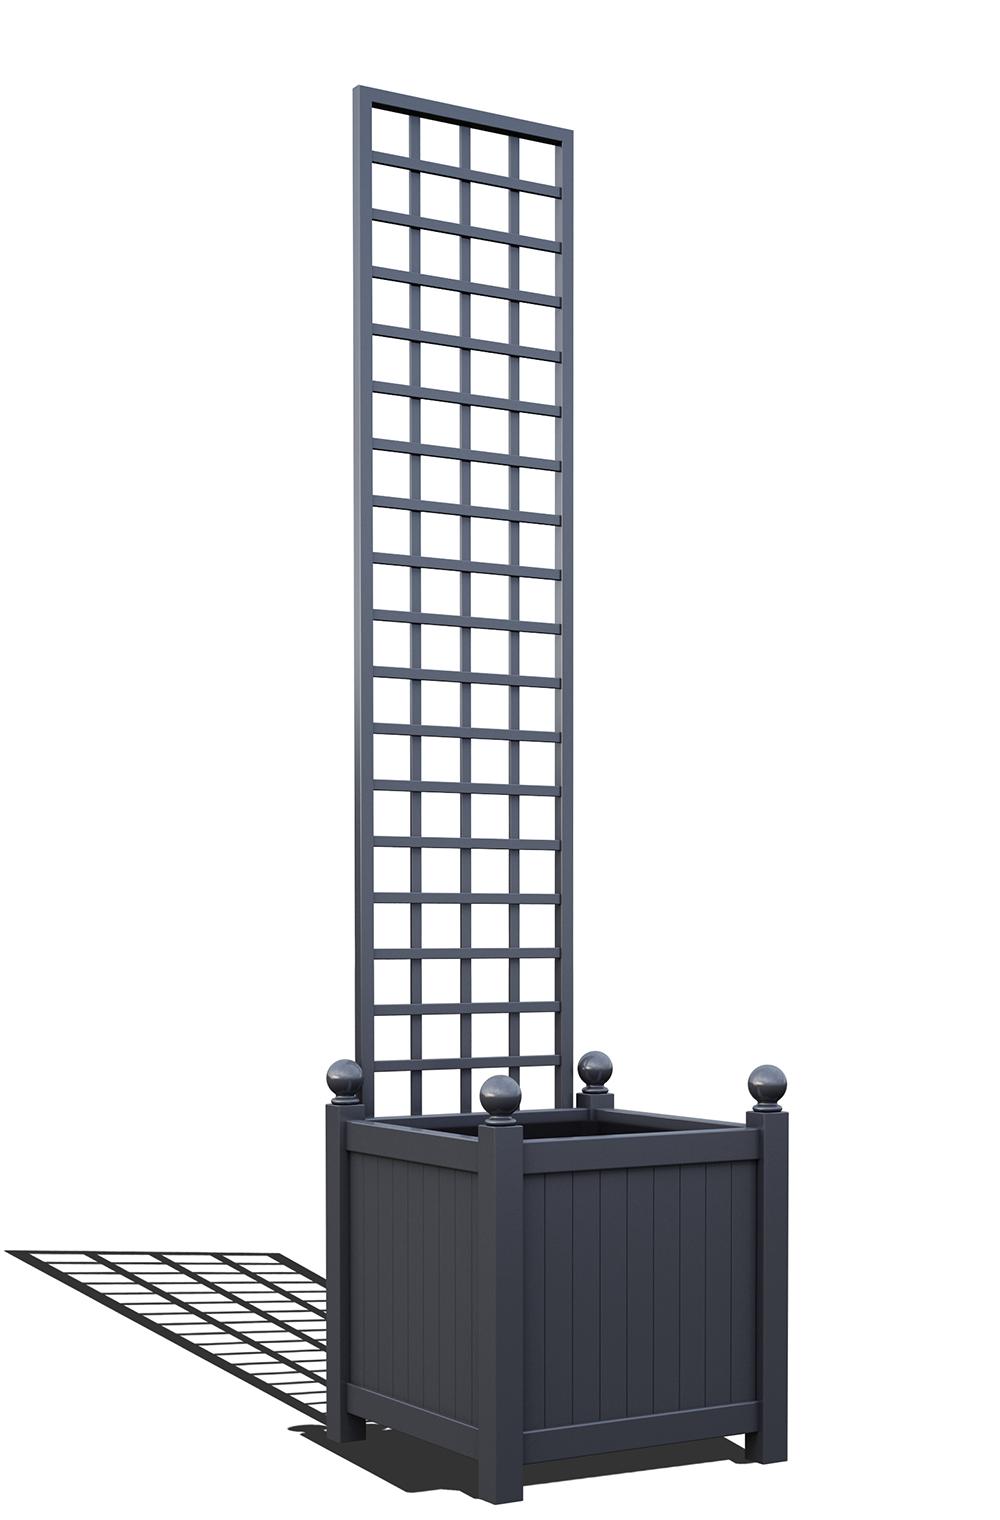 R23-Y-SHD-Versailler Pflanzkübel mit Rankgitter in RAL-7024 graphite grey